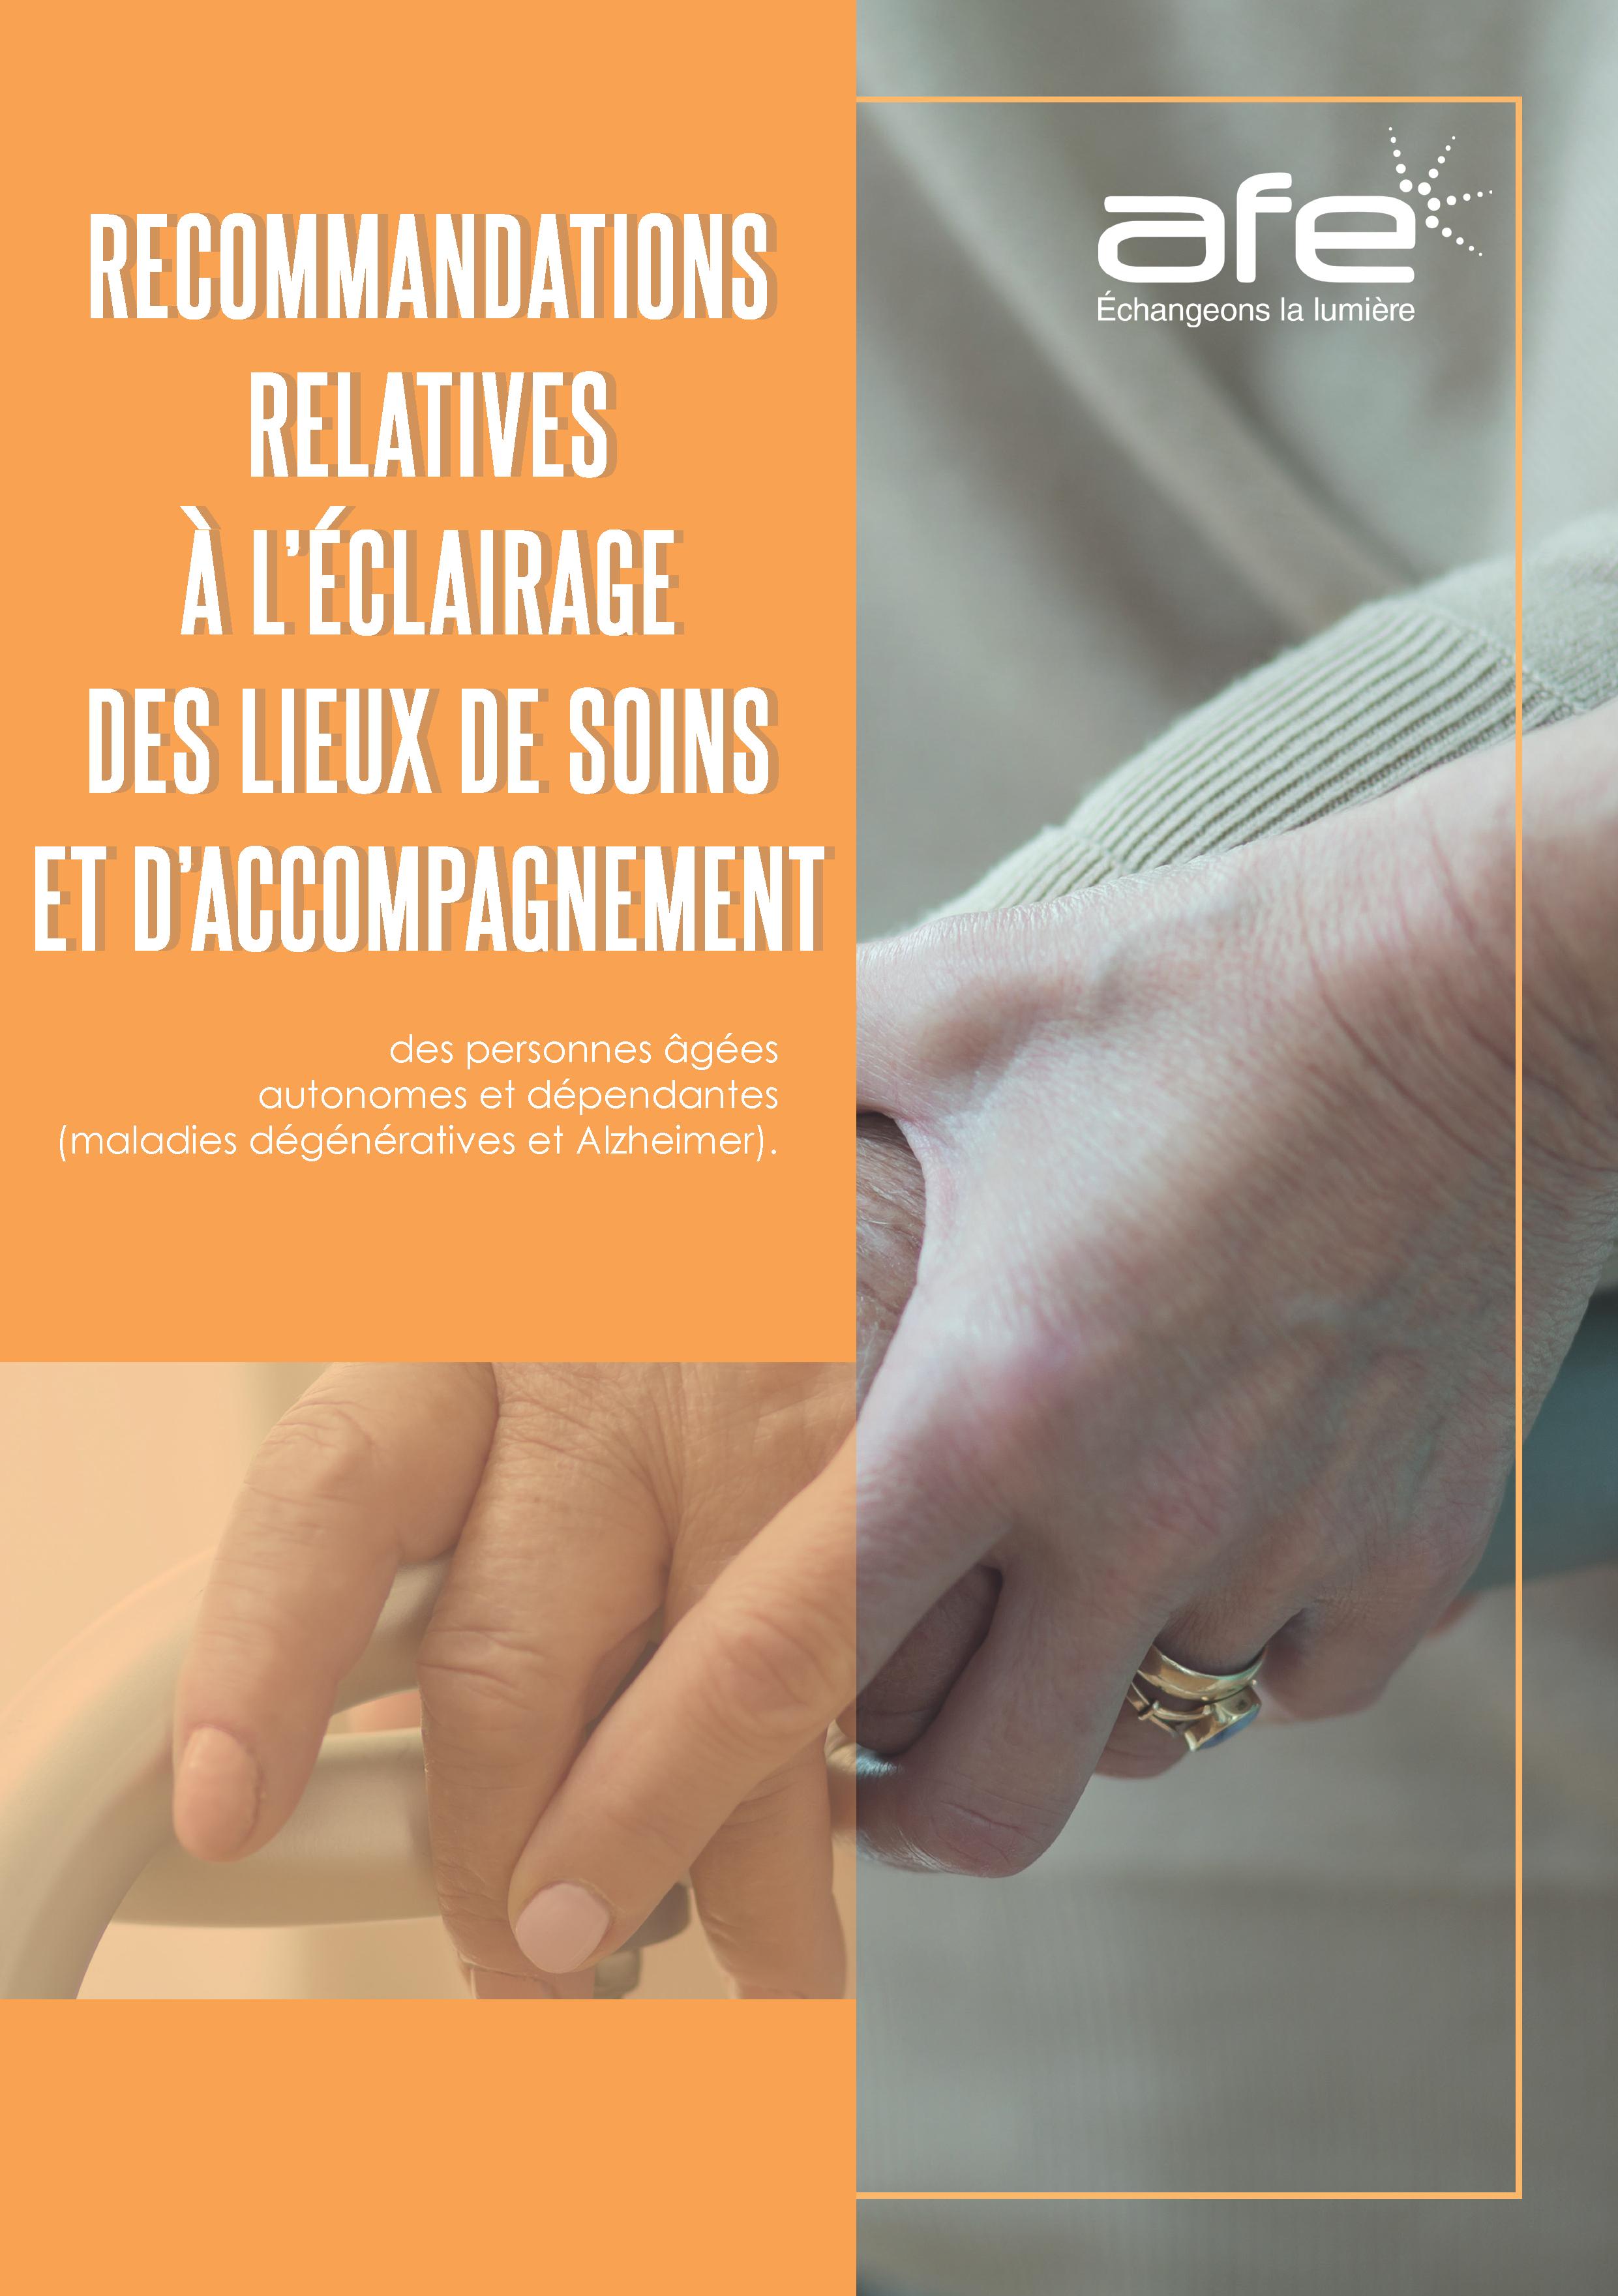 Recommandations AFE relatives à l''éclairage des lieux de soins